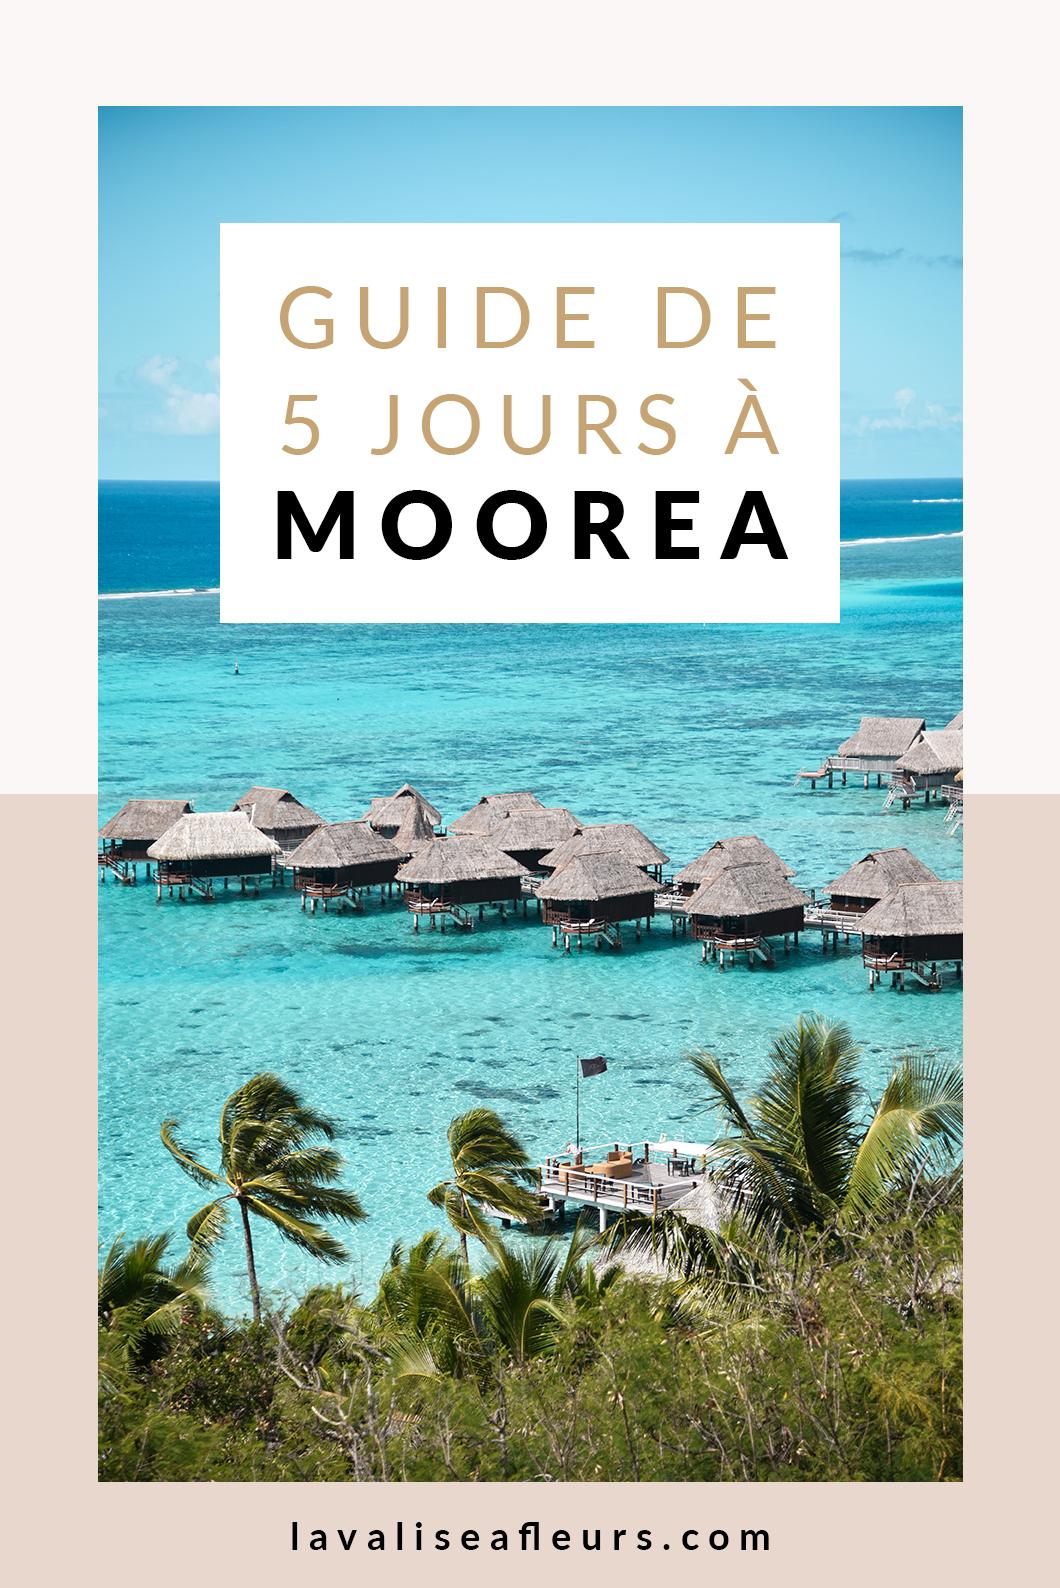 Guide de 5 jours à Moorea, voyage en Polynésie Française